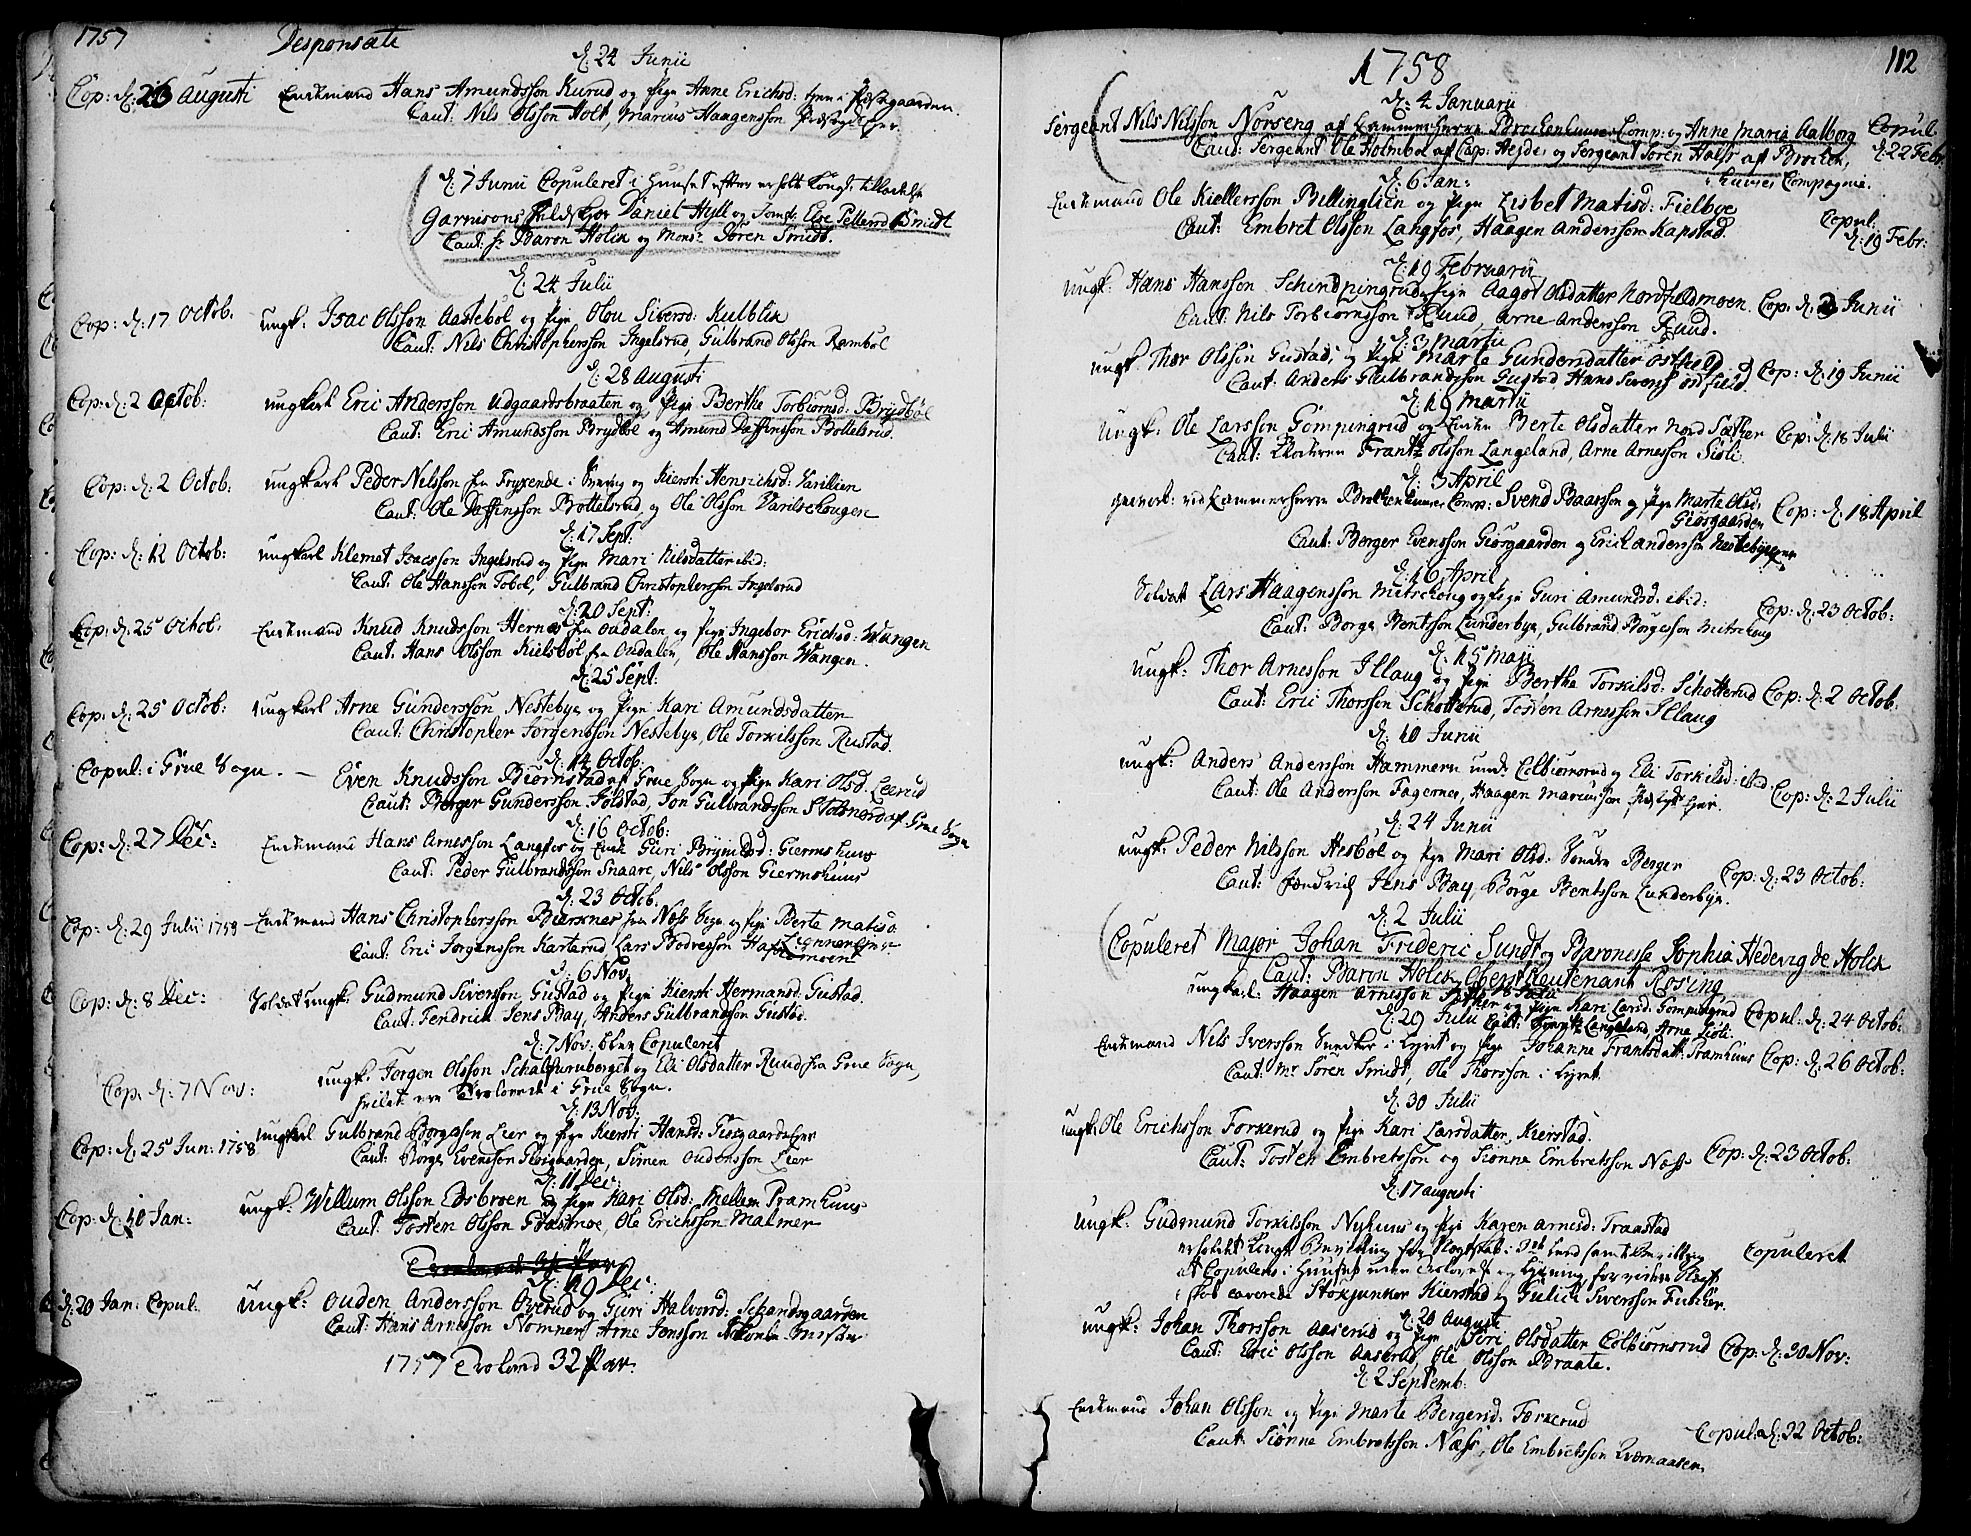 SAH, Vinger prestekontor, Ministerialbok nr. 3, 1751-1772, s. 112